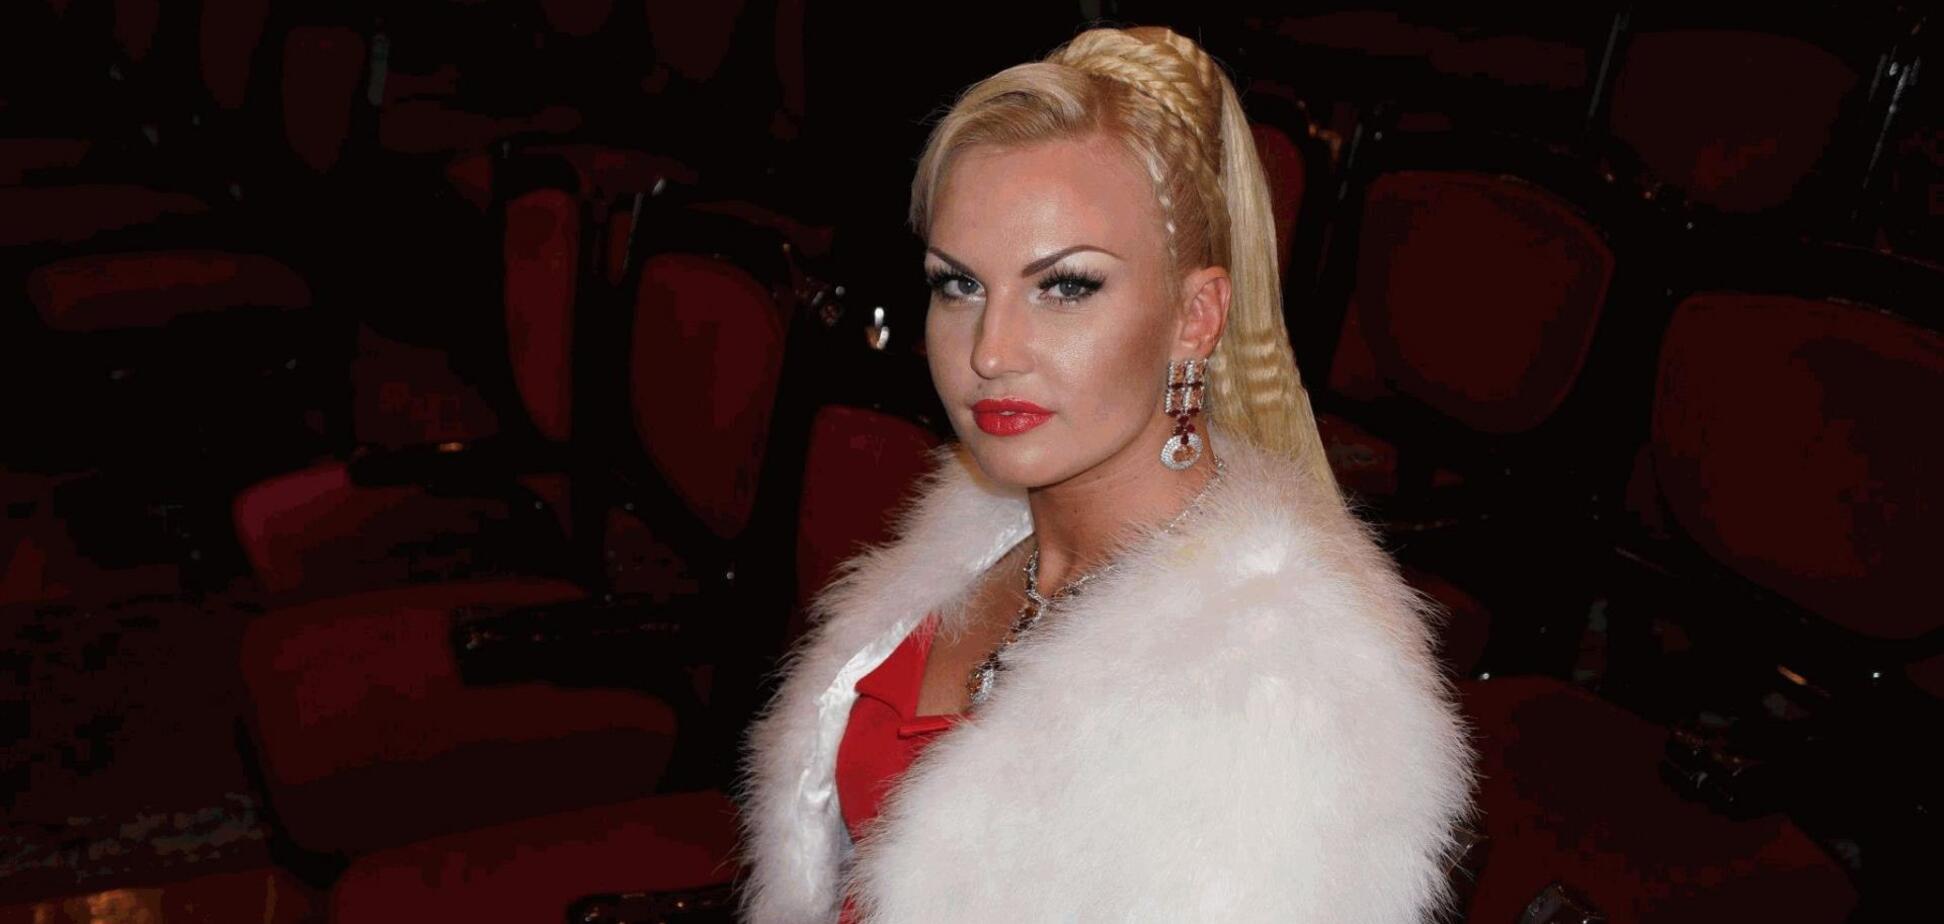 Камалия рассказала, что ее чуть не изнасиловала компания мужчин: стали известны подробности